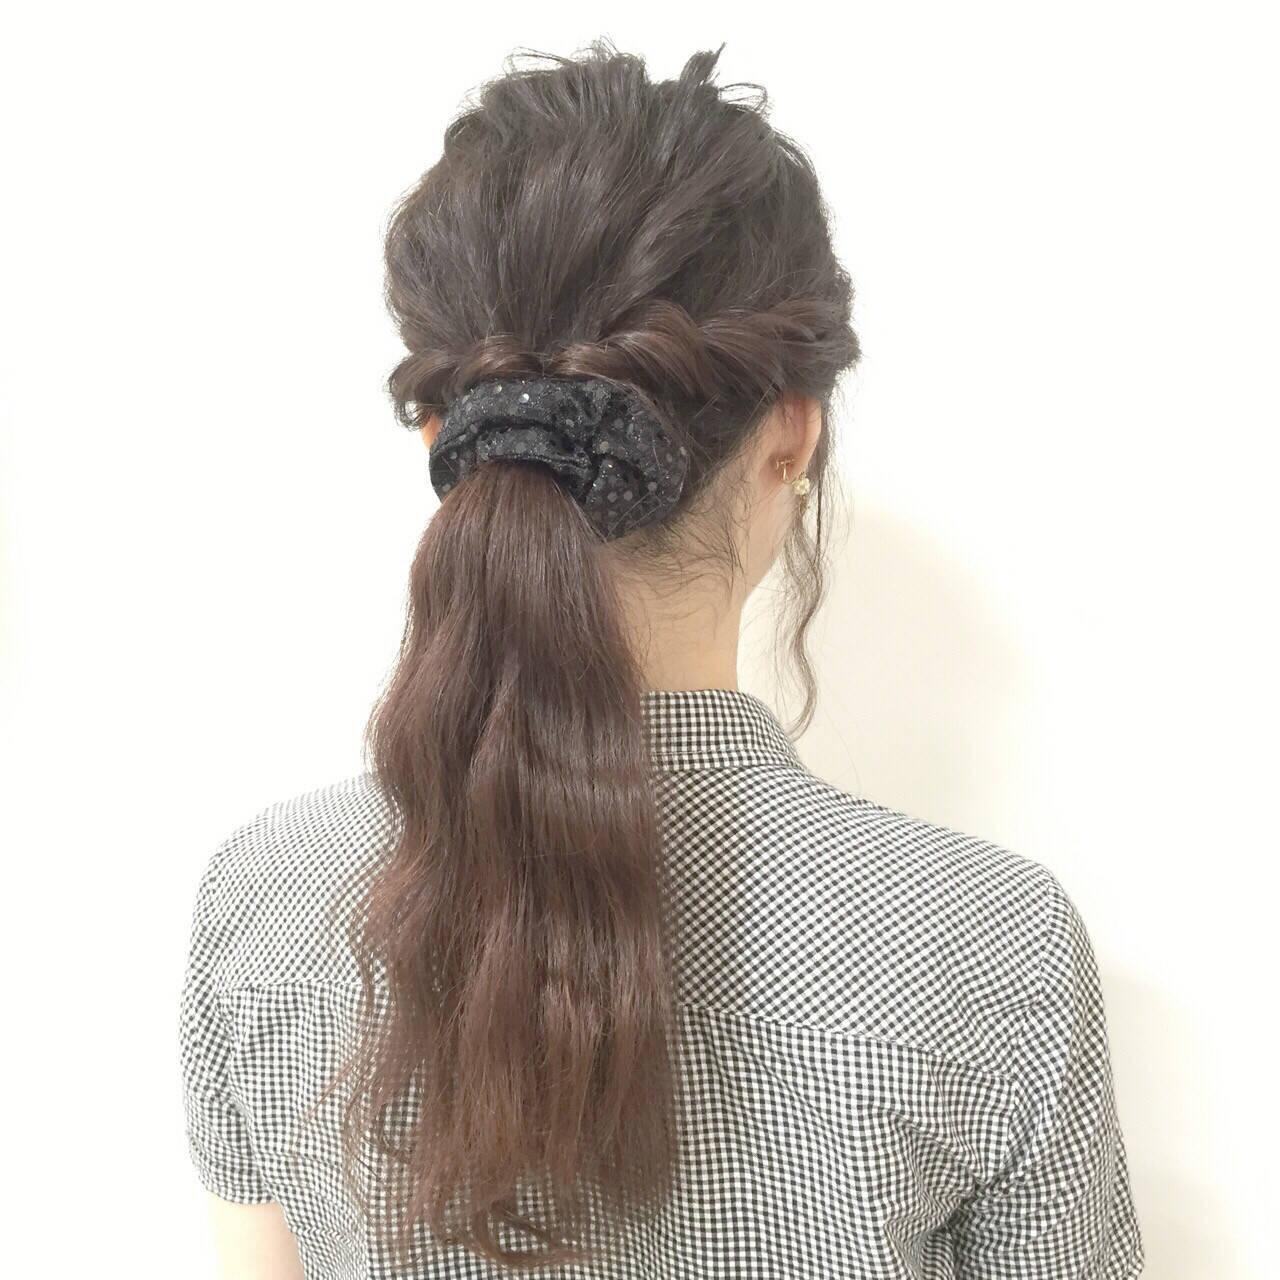 ヘアアレンジ 黒髪 モテ髪 簡単ヘアアレンジヘアスタイルや髪型の写真・画像